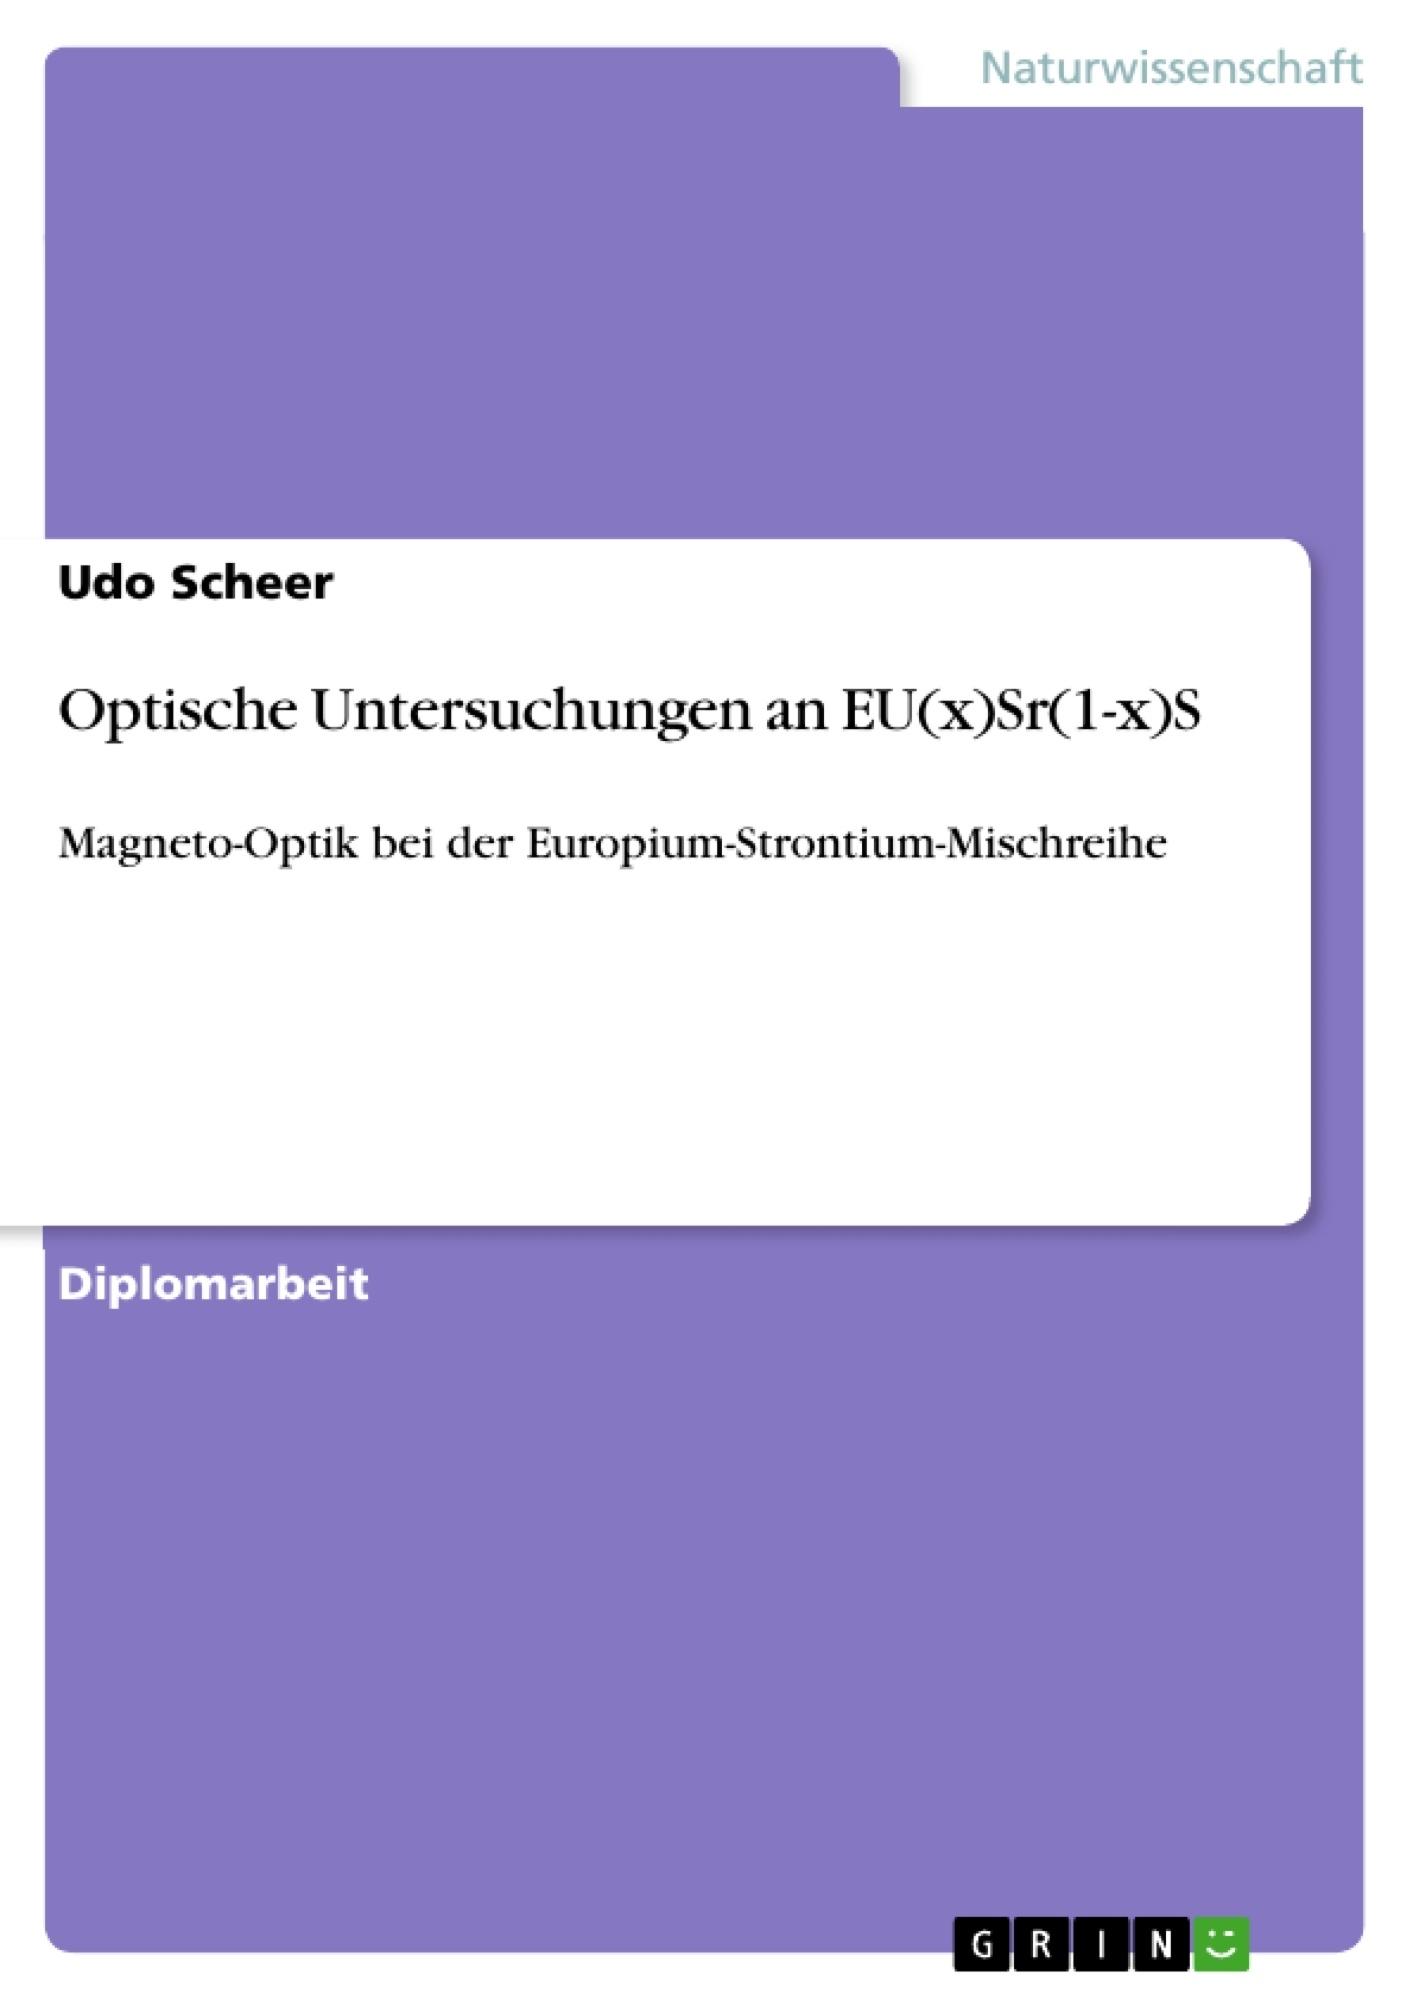 Titel: Optische Untersuchungen an EU(x)Sr(1-x)S